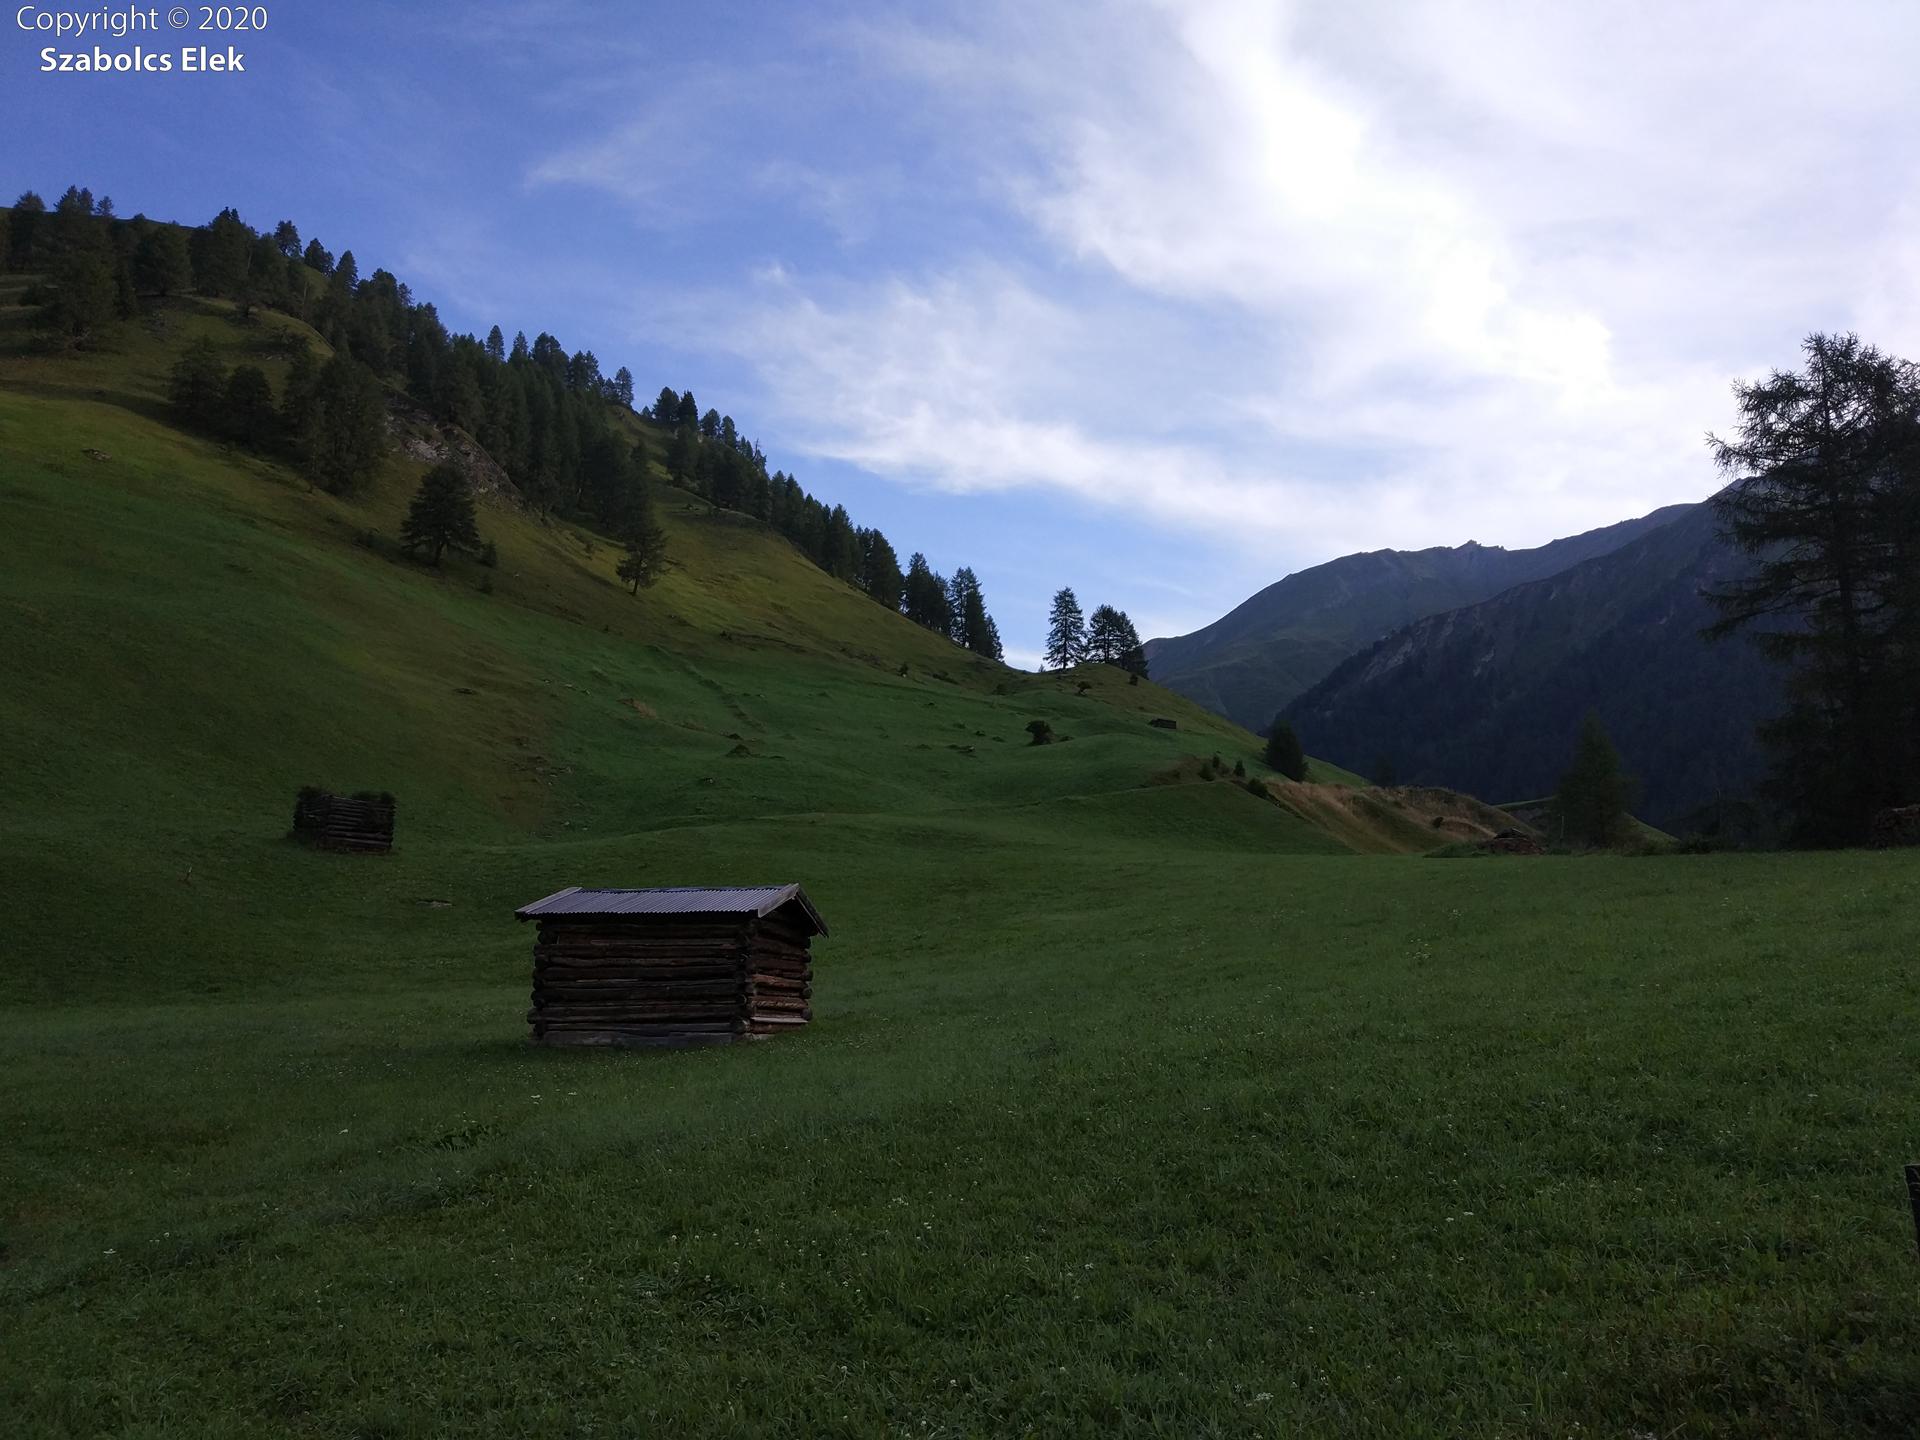 Kaszálásra váró domboldalak - a kis házak a széna szárítására szolgálnak.